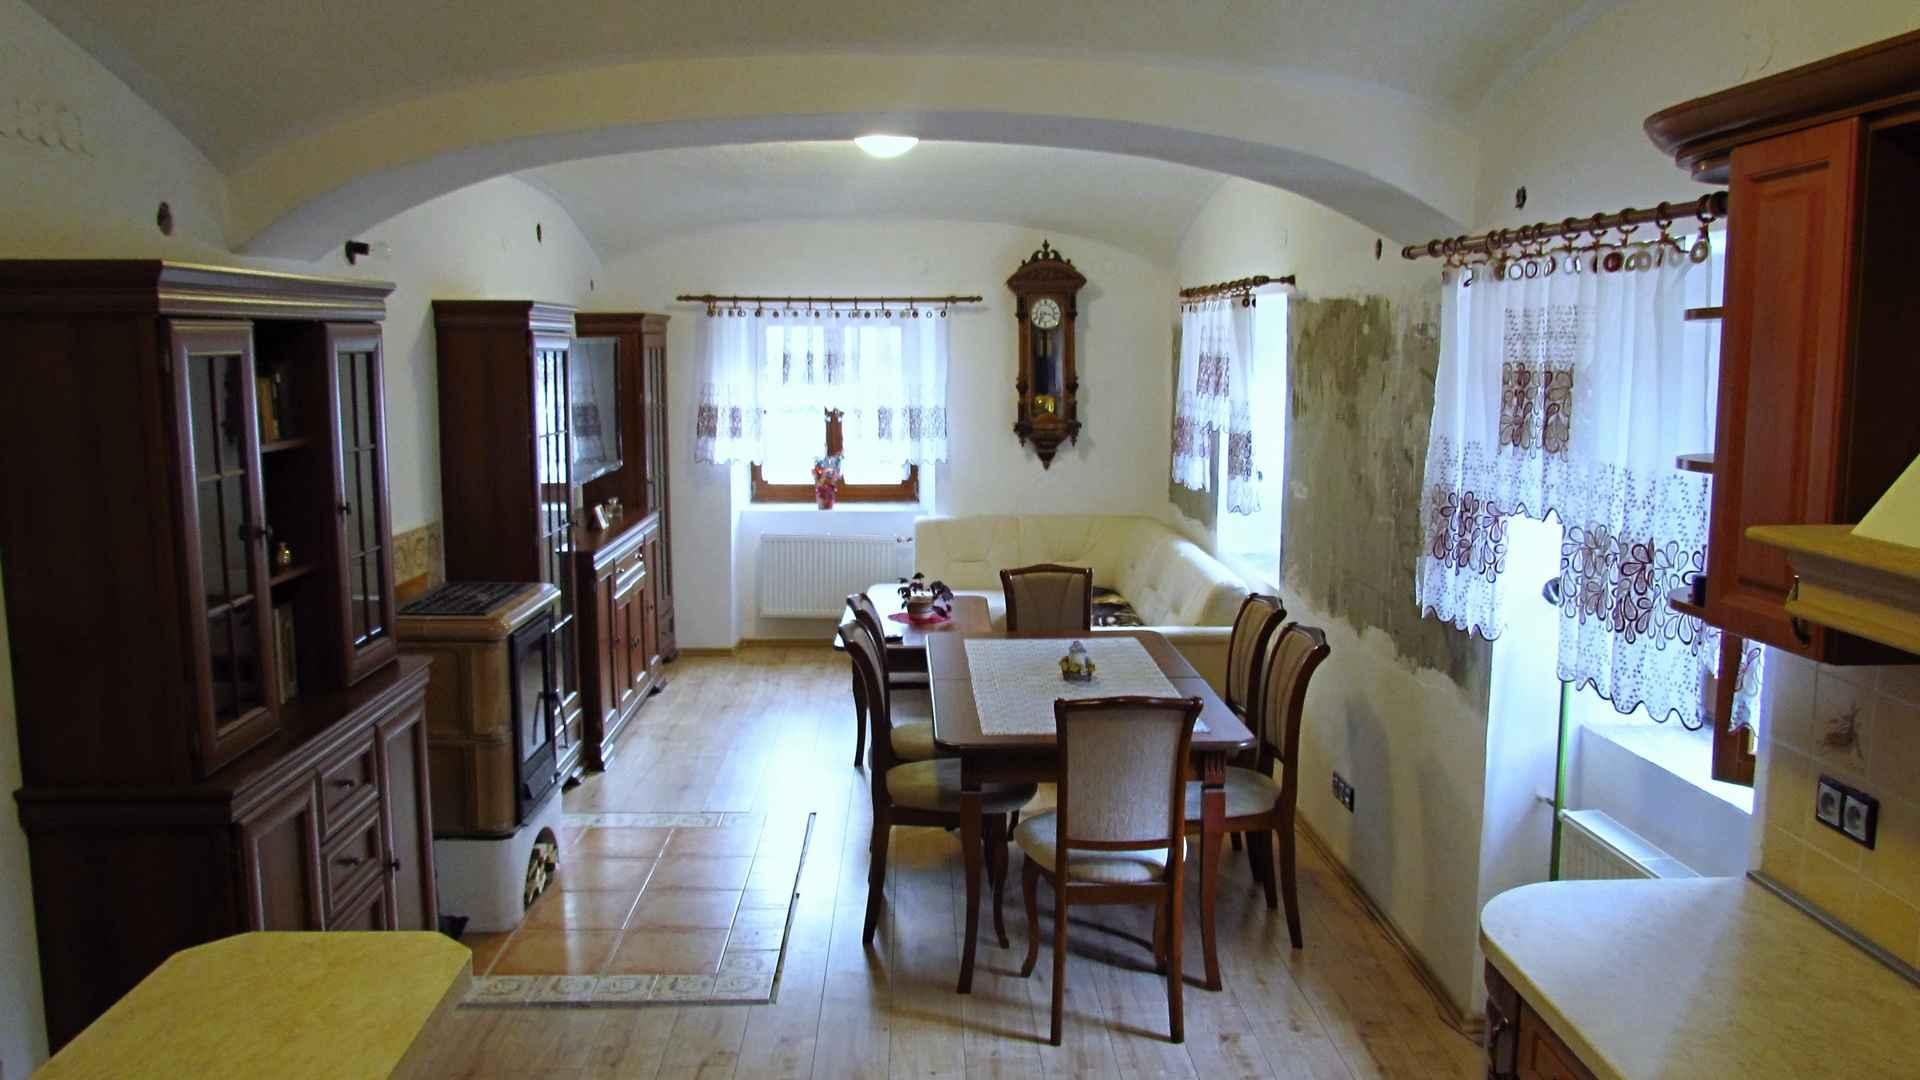 Rekonstrukce domů | ARKONA